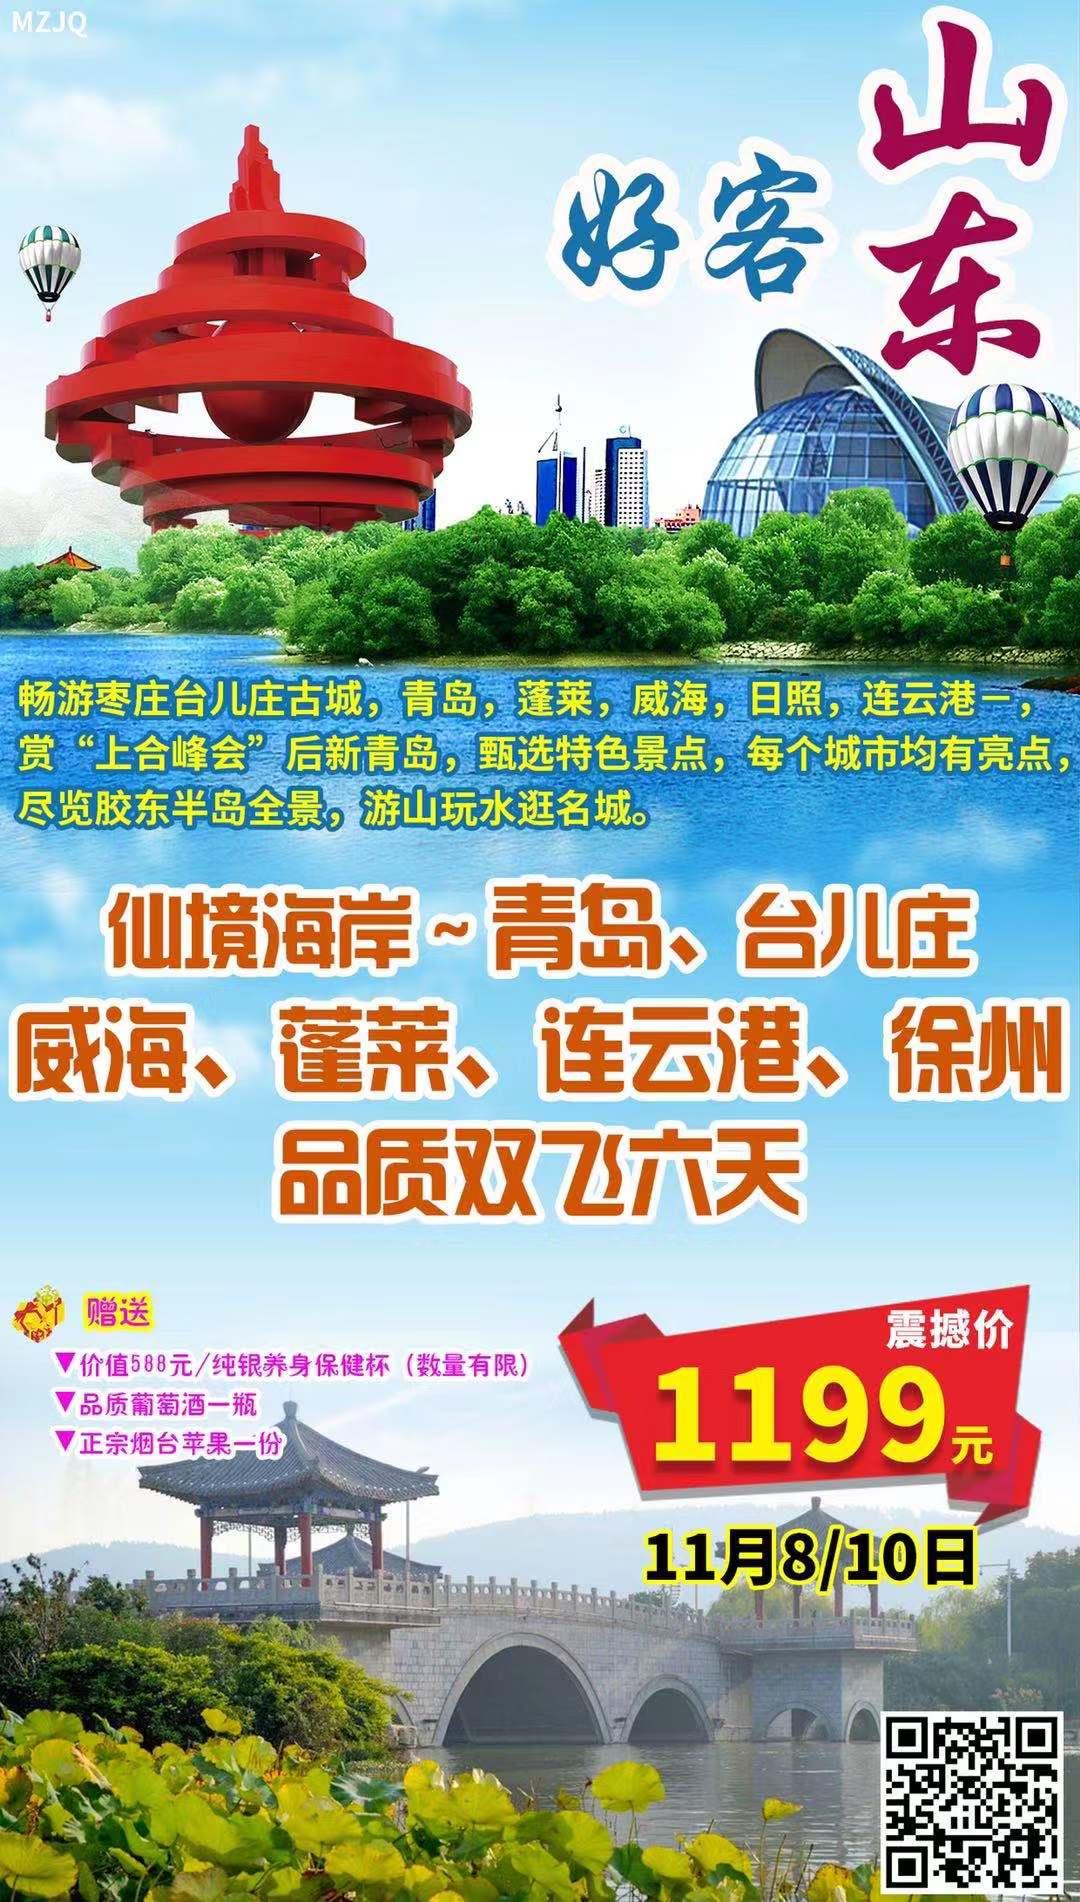 台儿庄•青岛•威海•蓬莱•连云港•徐州双飞六天